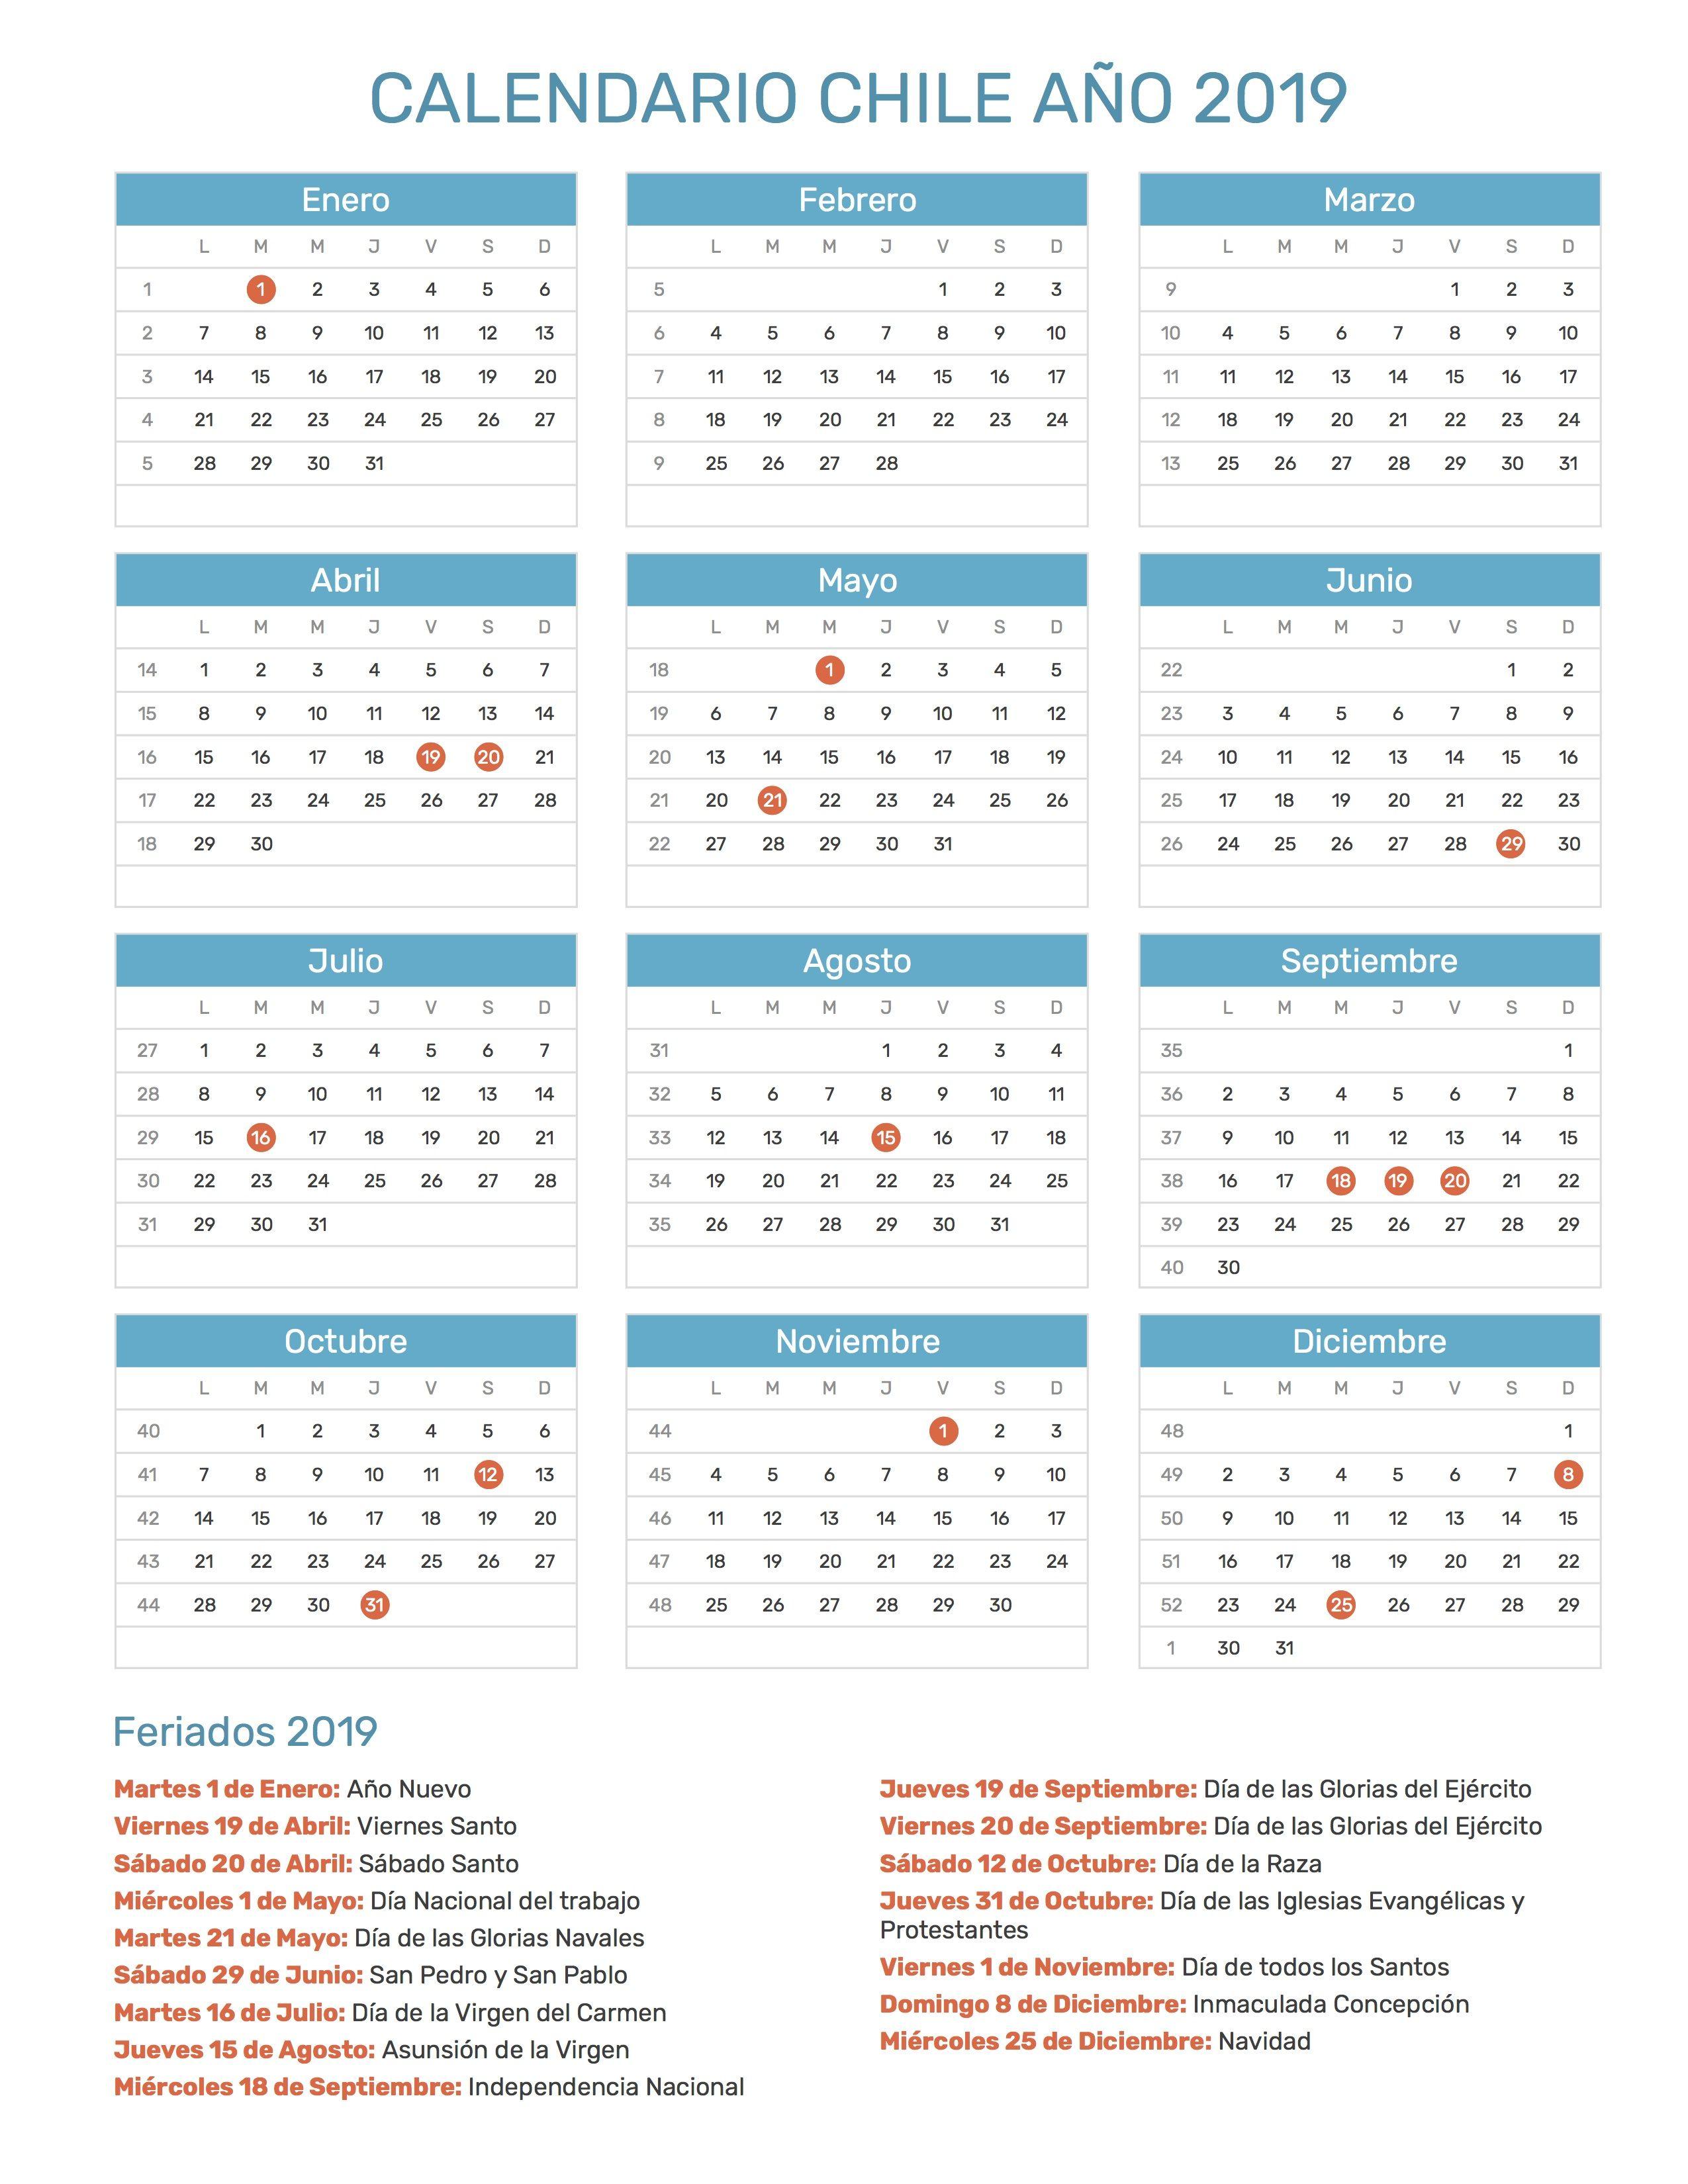 Calendario Chile 2019 Con Feriados.Pin De Calendario Hispano En Calendario Con Feriados Ano